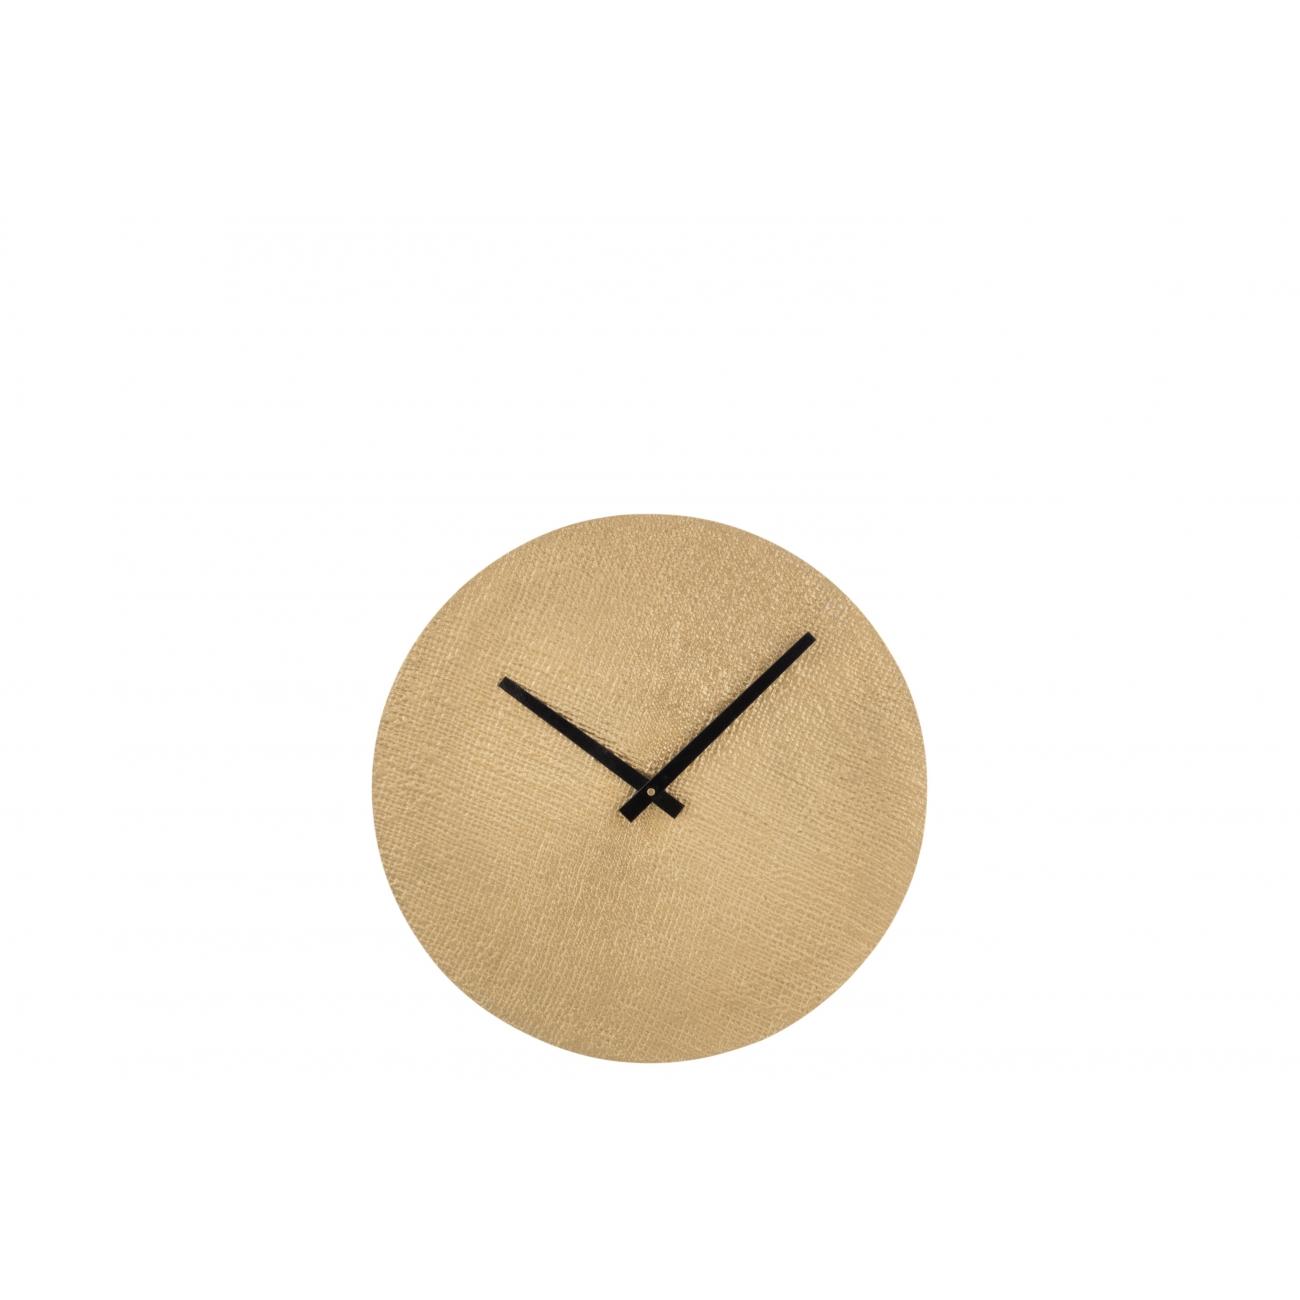 Настенные часы  J-LINE круглые золотистые в текстурном алюминиевом корпусе диаметр 38 см Бельгия